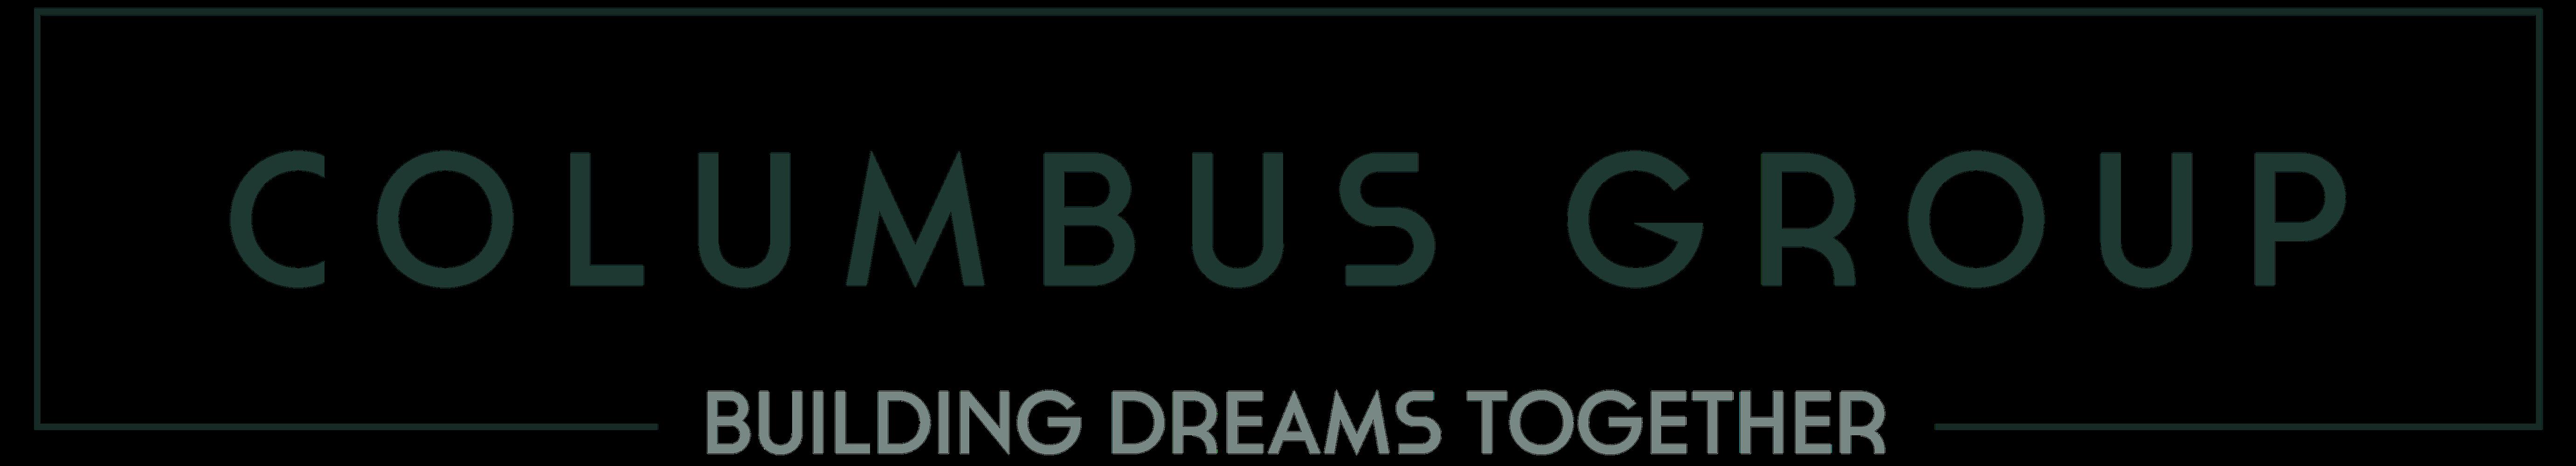 Tutum logo in color